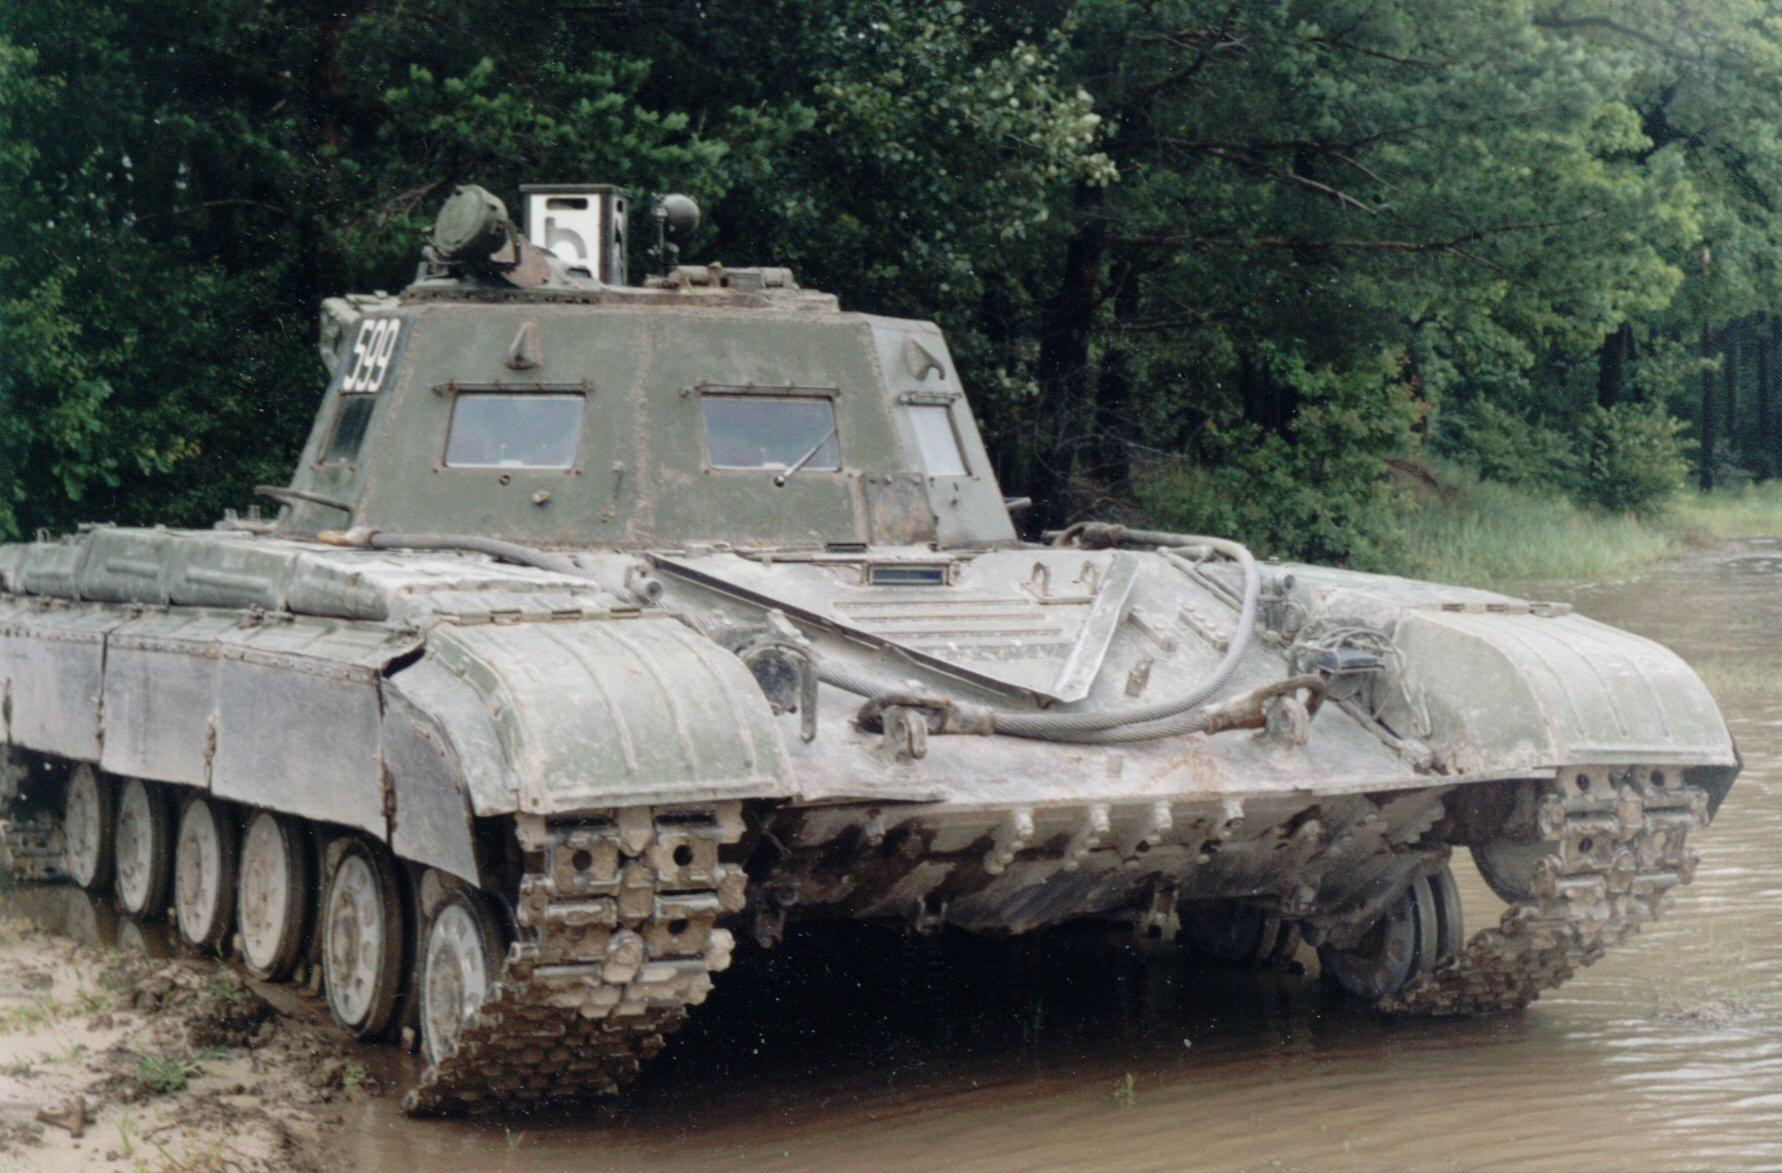 http://armor.kiev.ua/wiki/images/b/be/Htv64.jpg